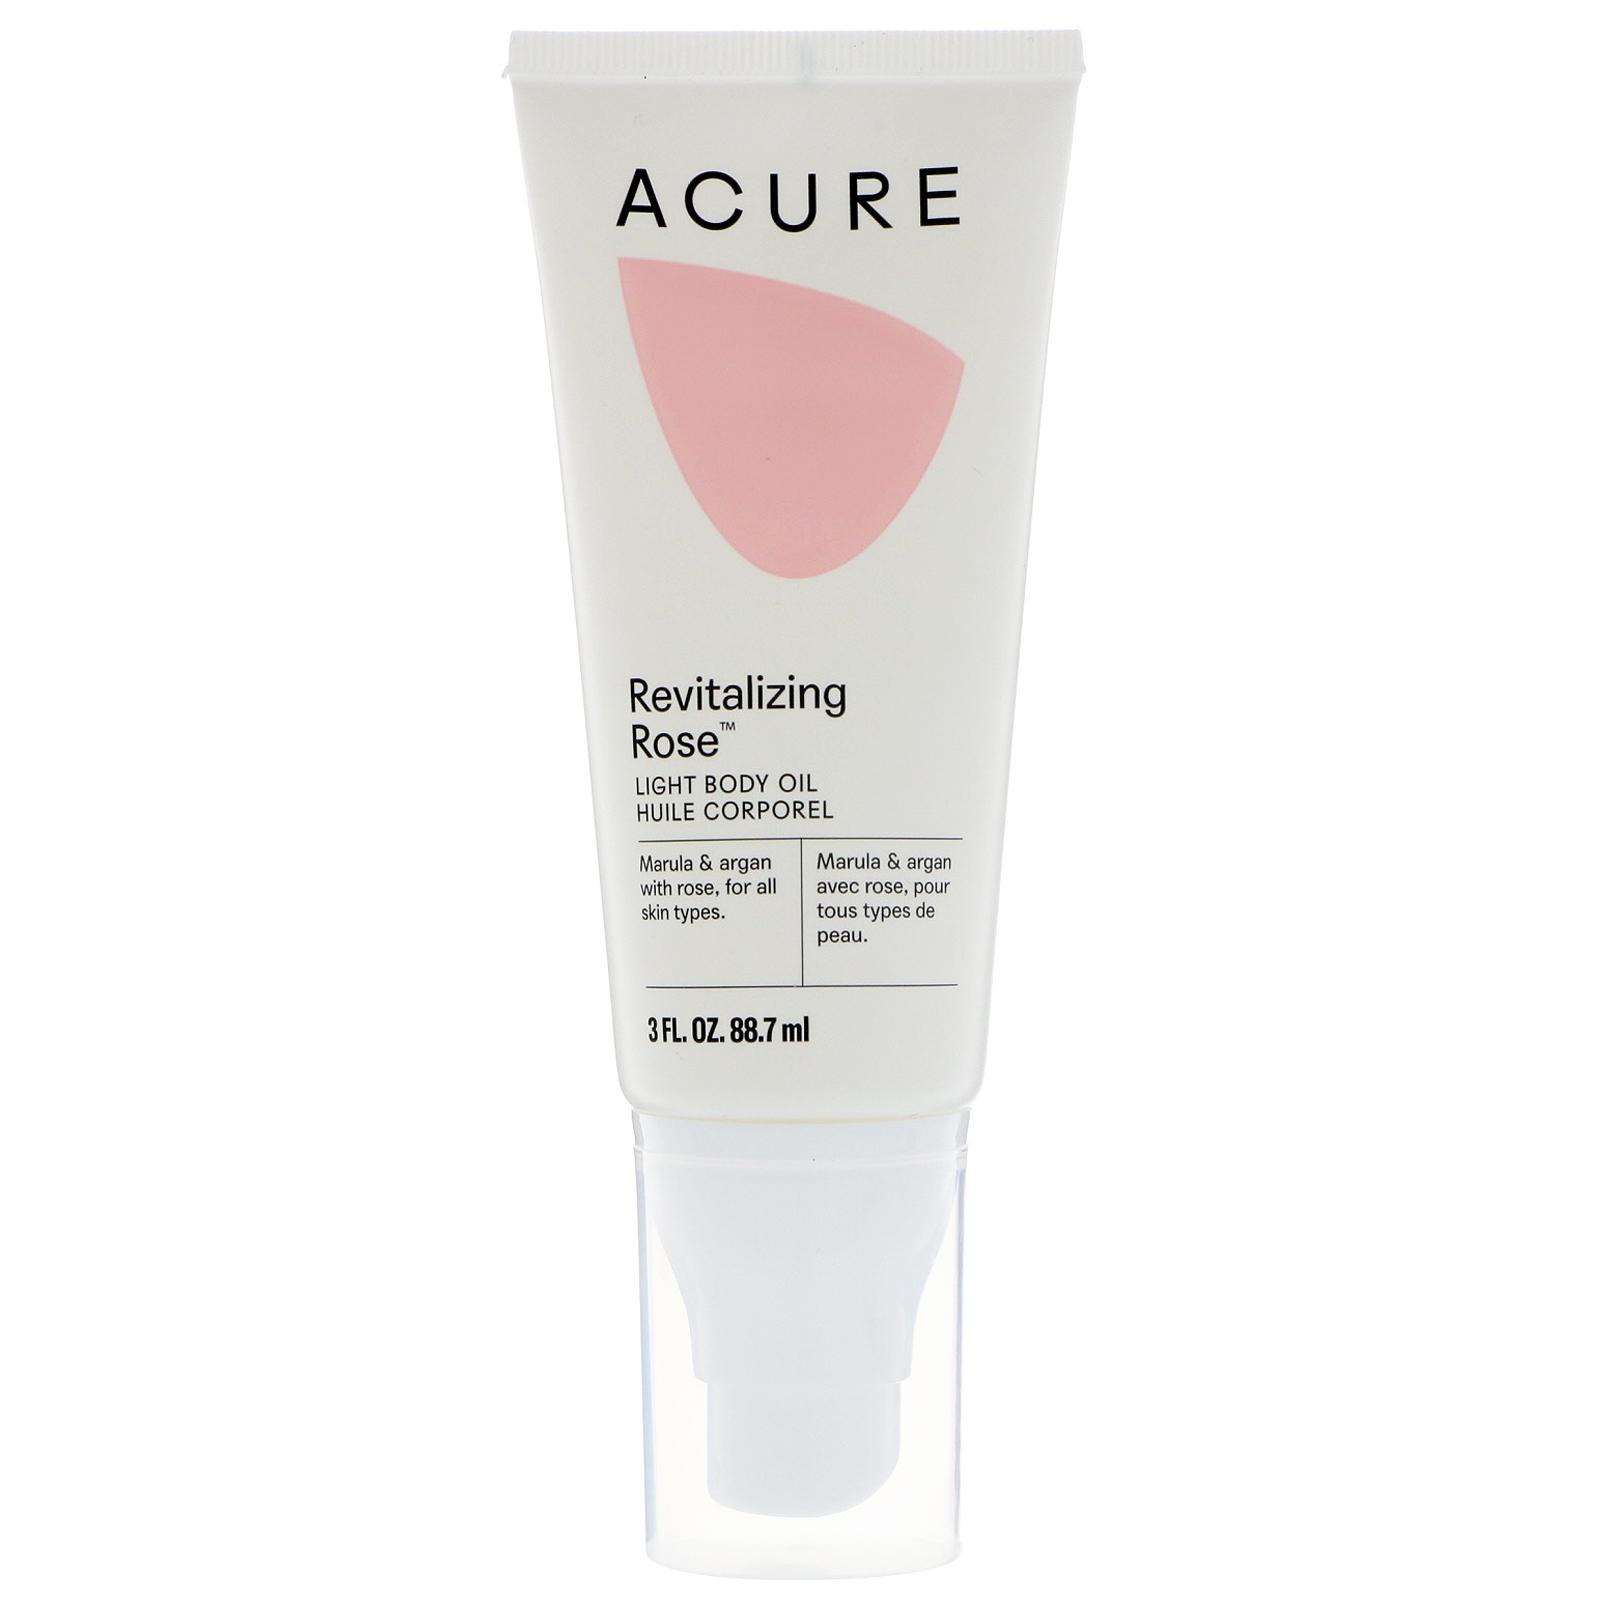 Acure, Revitalizing Rose, Light Body Oil, 3 fl oz (88 7 ml) - iHerb com